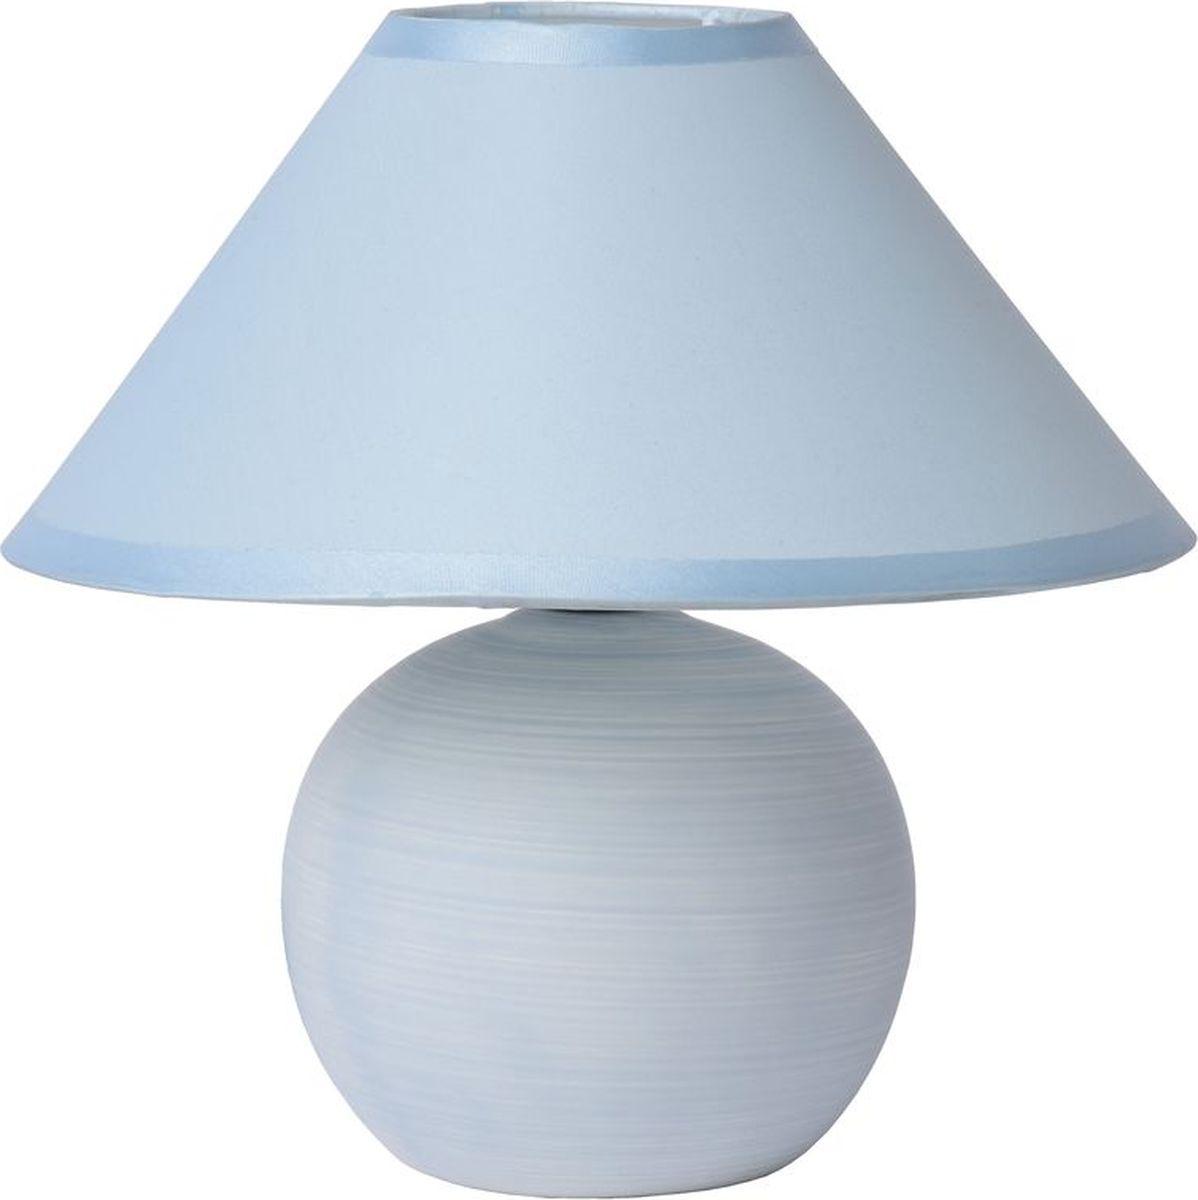 Лампа настольная Lucide Faro, цвет: голубой, E14, 40 Вт. 14552/81/3514552/81/35